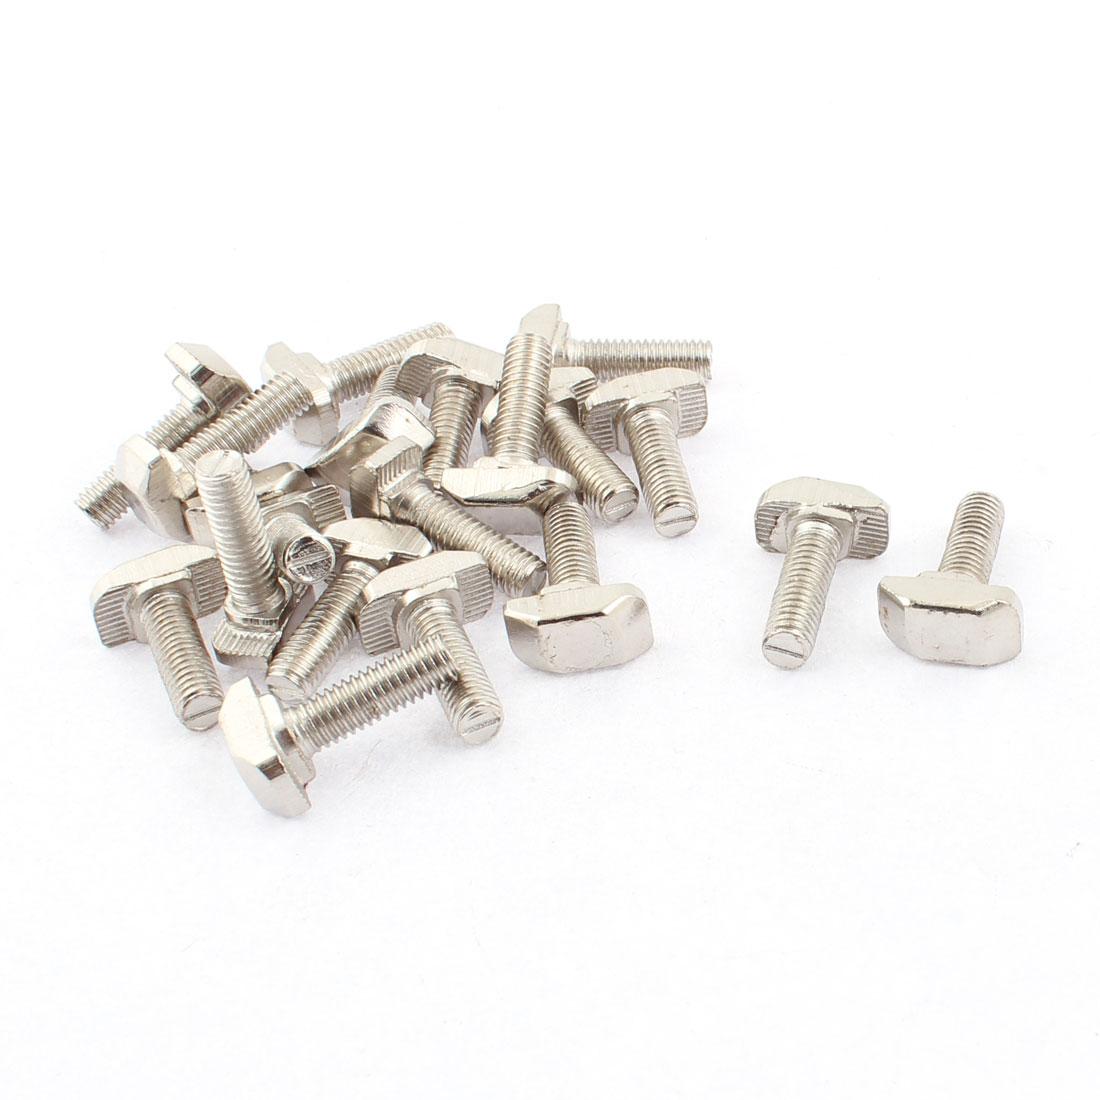 M6 x 20mm Metal T Slot Drop-in Stud Sliding Bolt Screw Silver Tone 20pcs